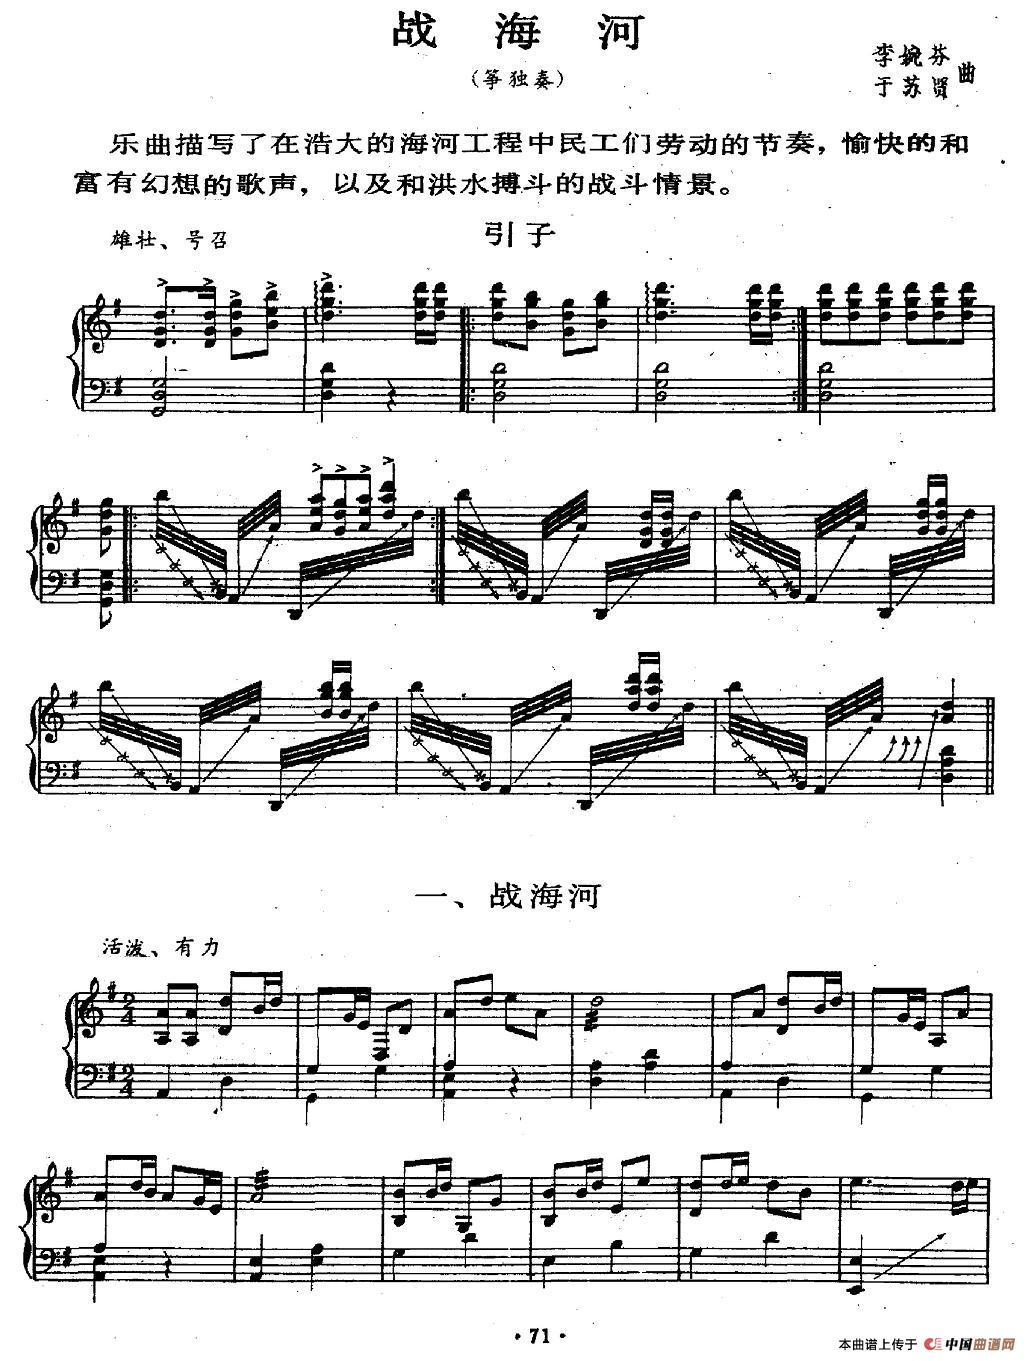 战海河古筝谱 古琴谱 器乐乐谱 中国曲谱网